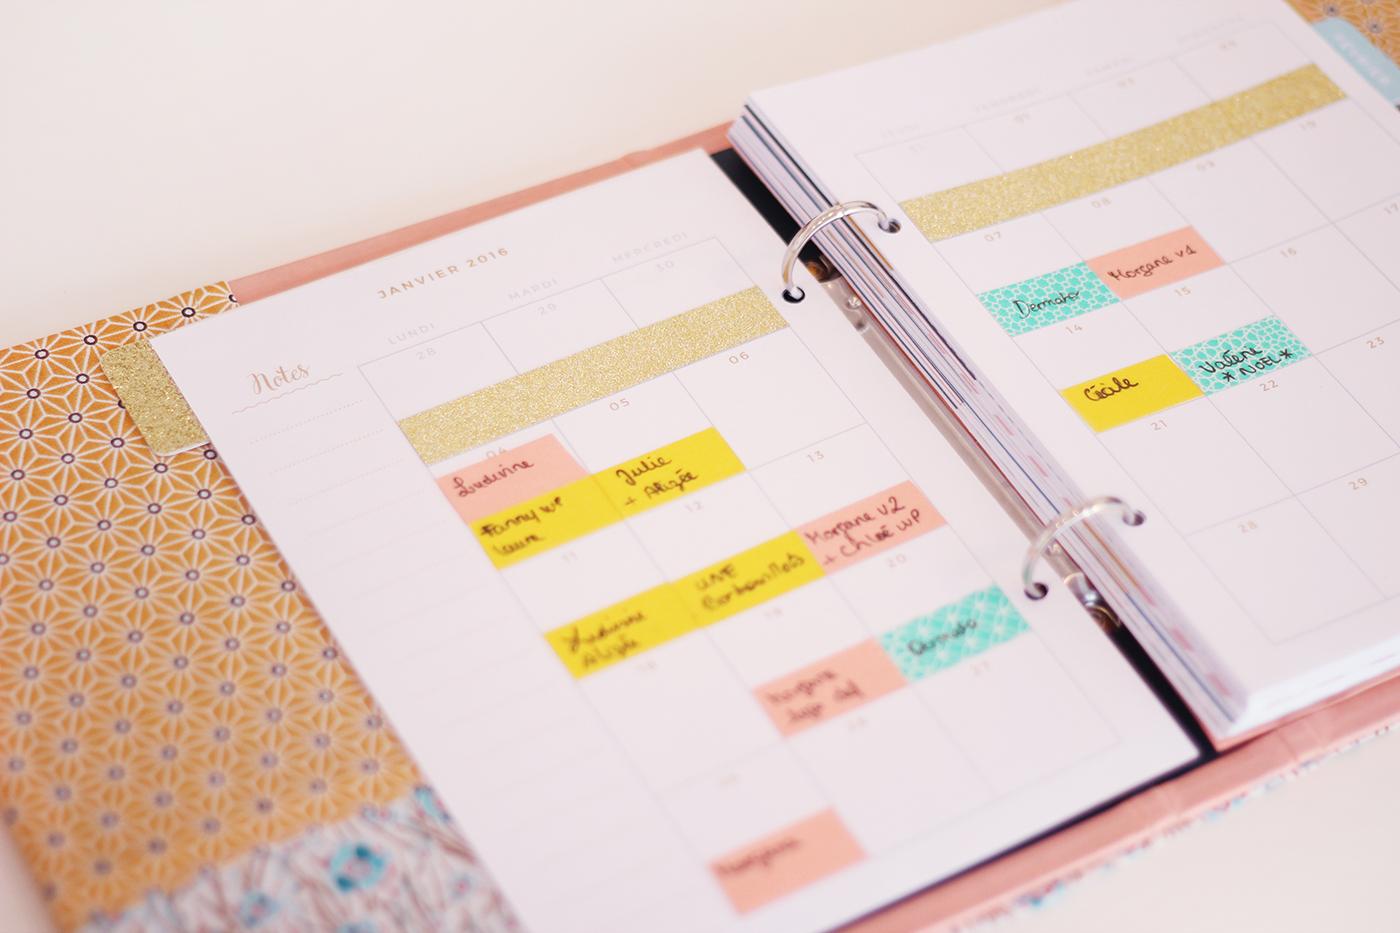 Planner mensuel à imprimer - Juliette blog féminin (1)